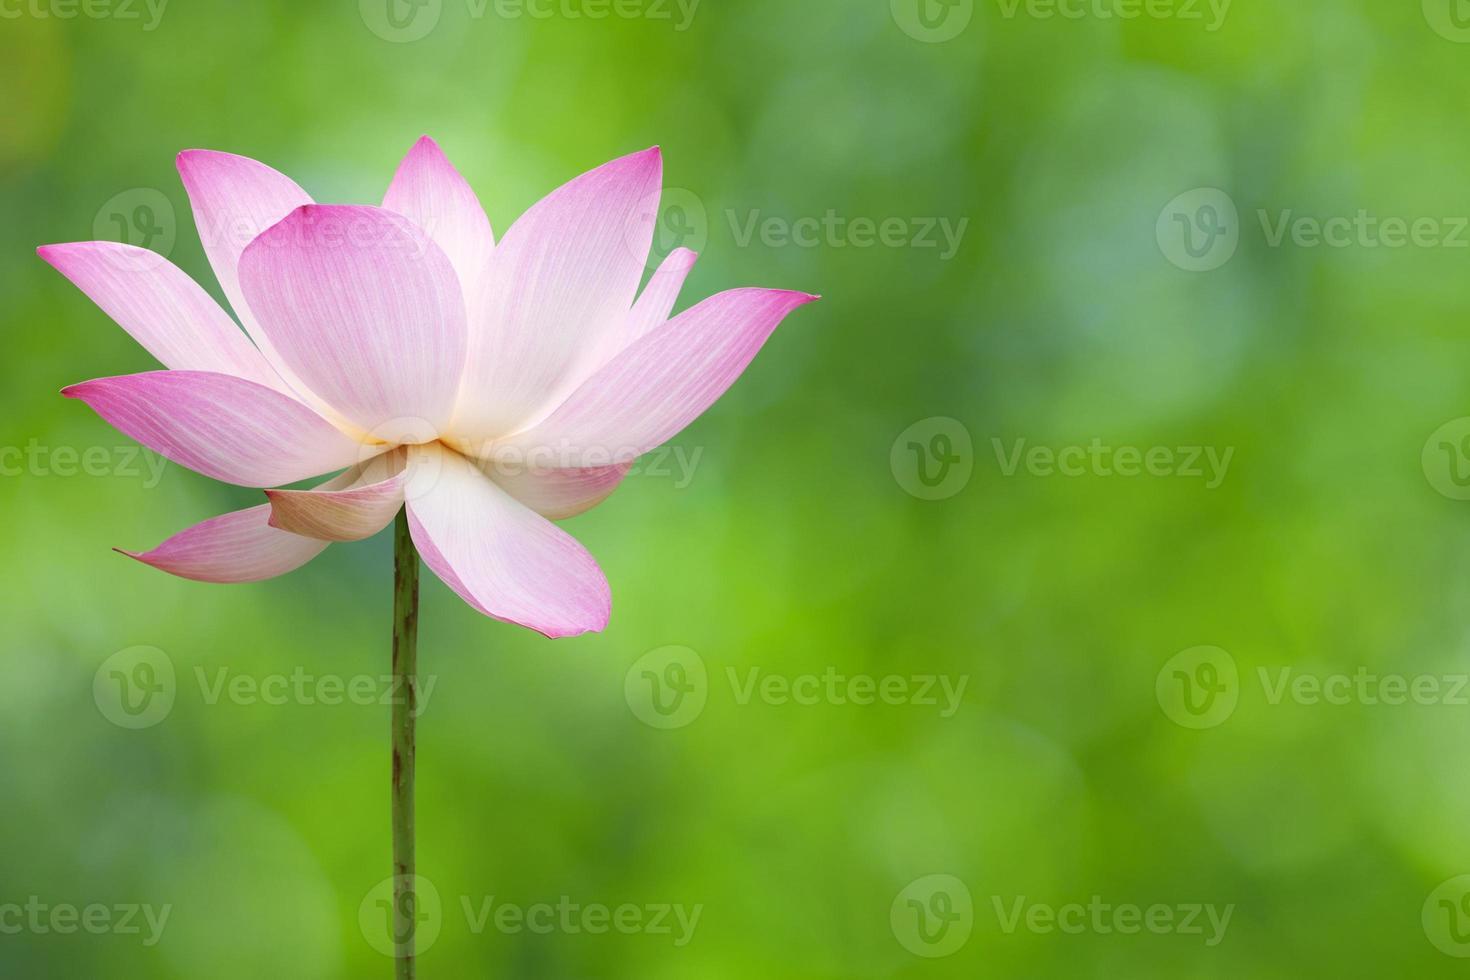 lotusblomma foto